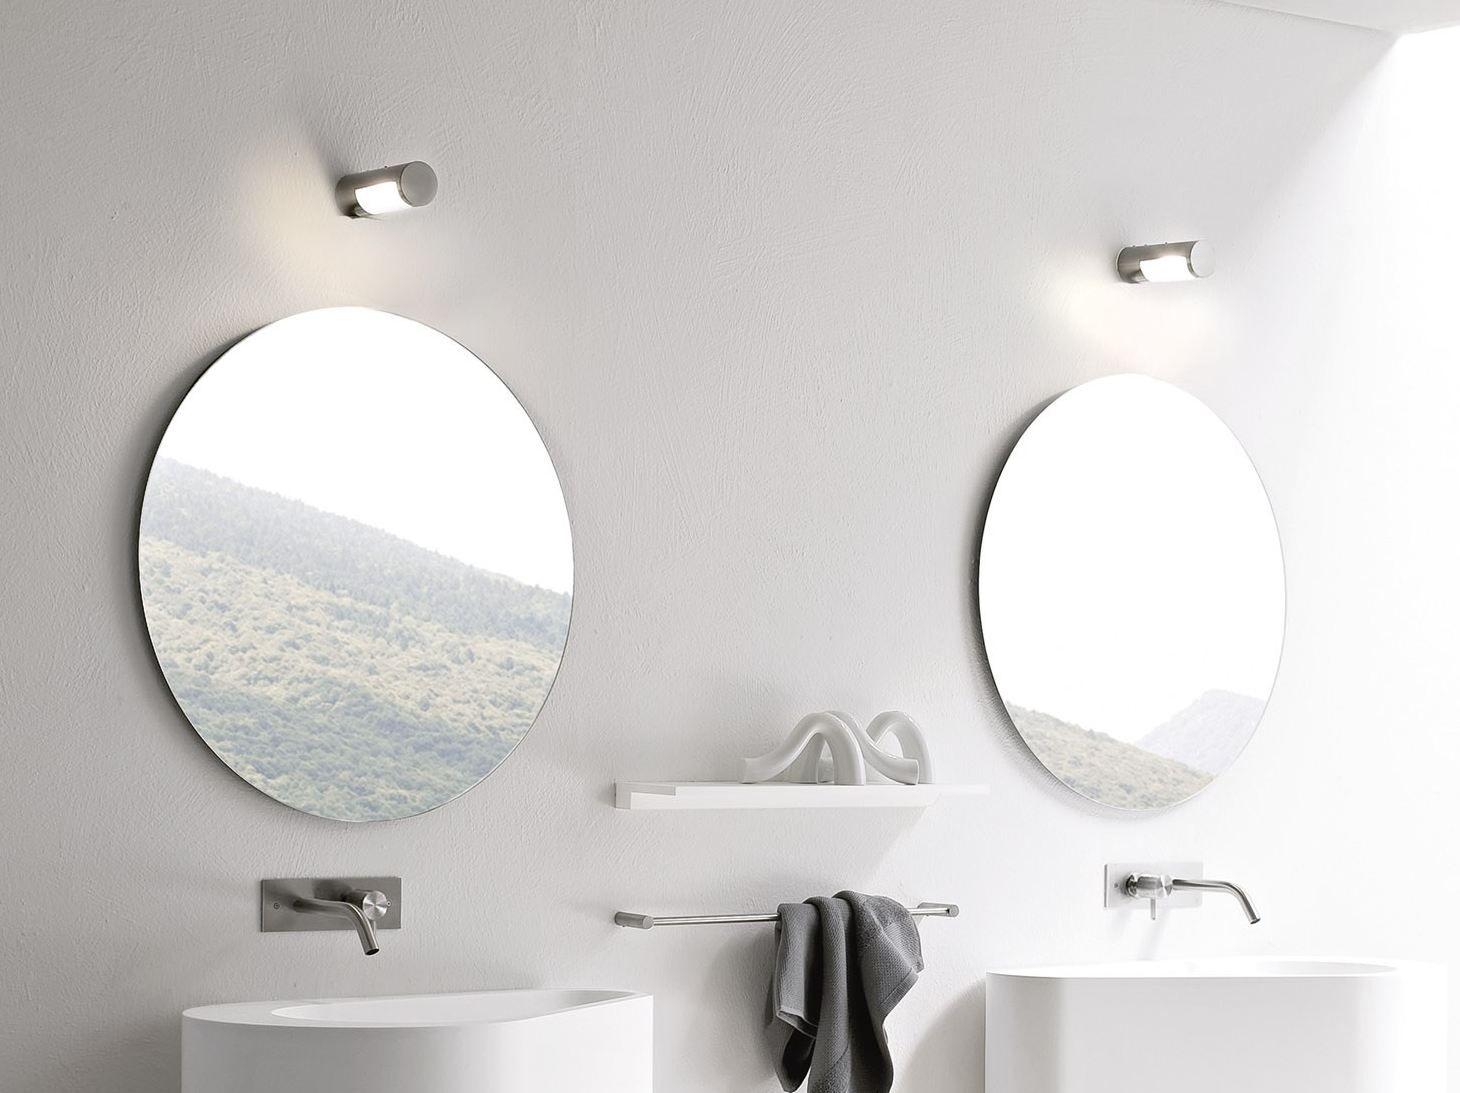 Specchio bagno rotondo collezione hole by rexa design - Specchio rotondo bagno ...